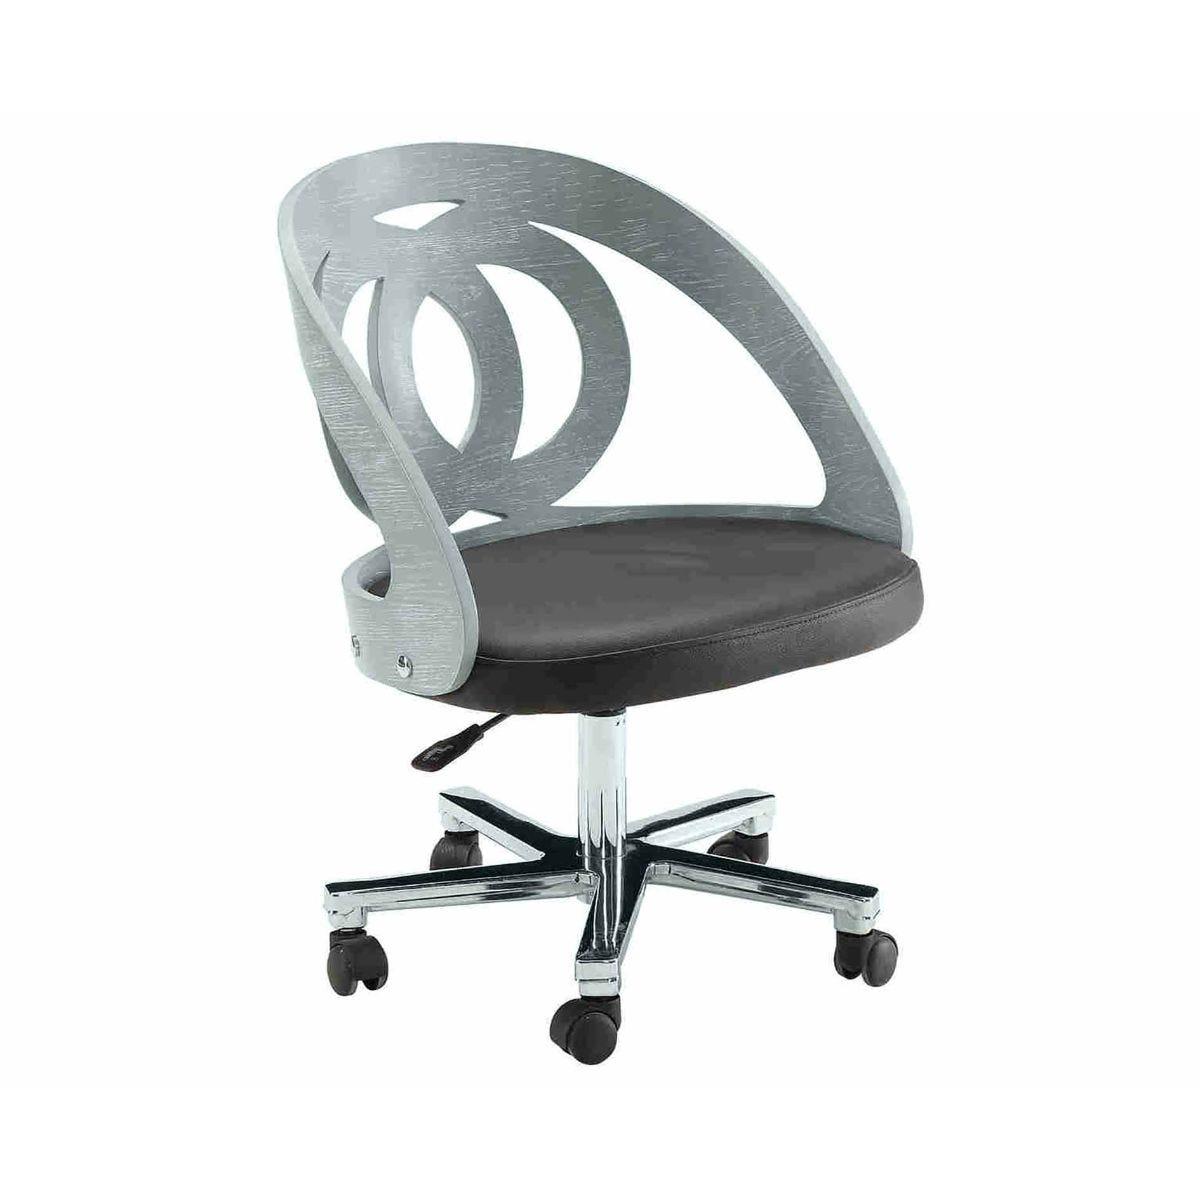 Jual Helsinki Wooden Swivel Office Chair, Grey